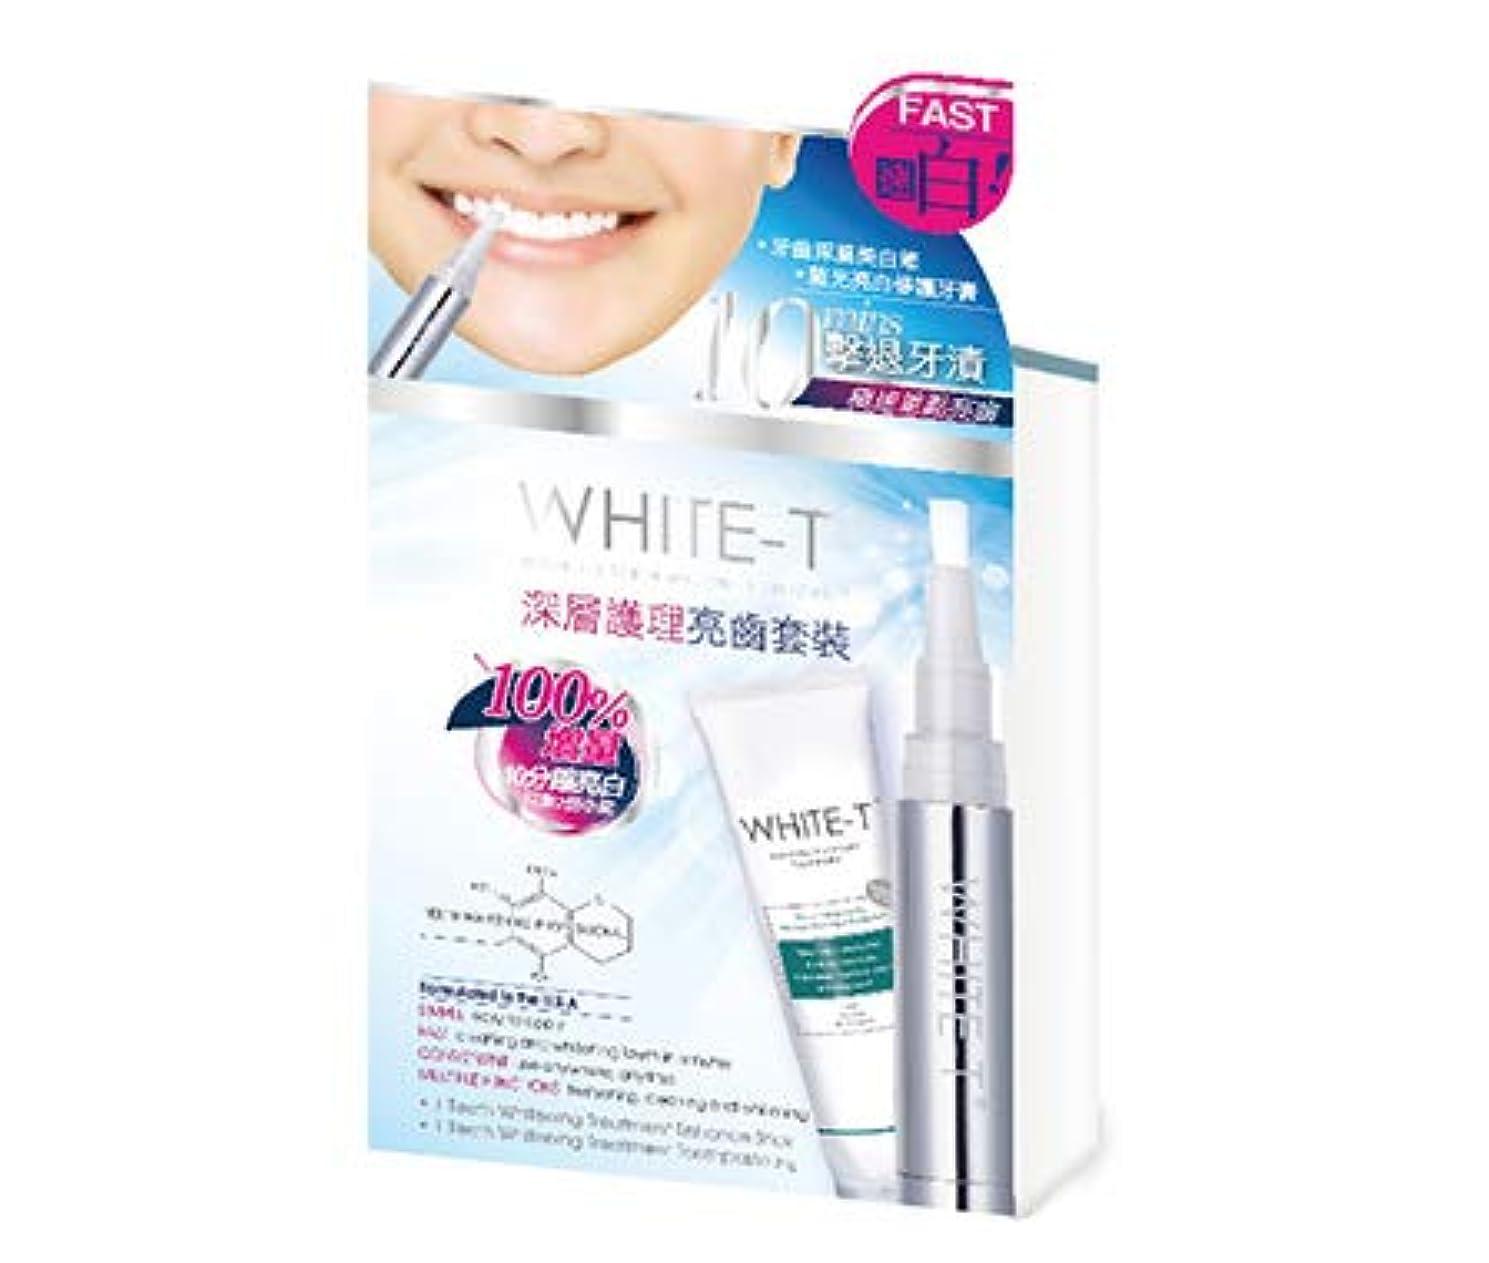 コンピューター有名な文言WHITE-T ホワイトニング ペンタイプ(4ml) +ホワイトニング歯磨き粉(30g) 並行輸入品